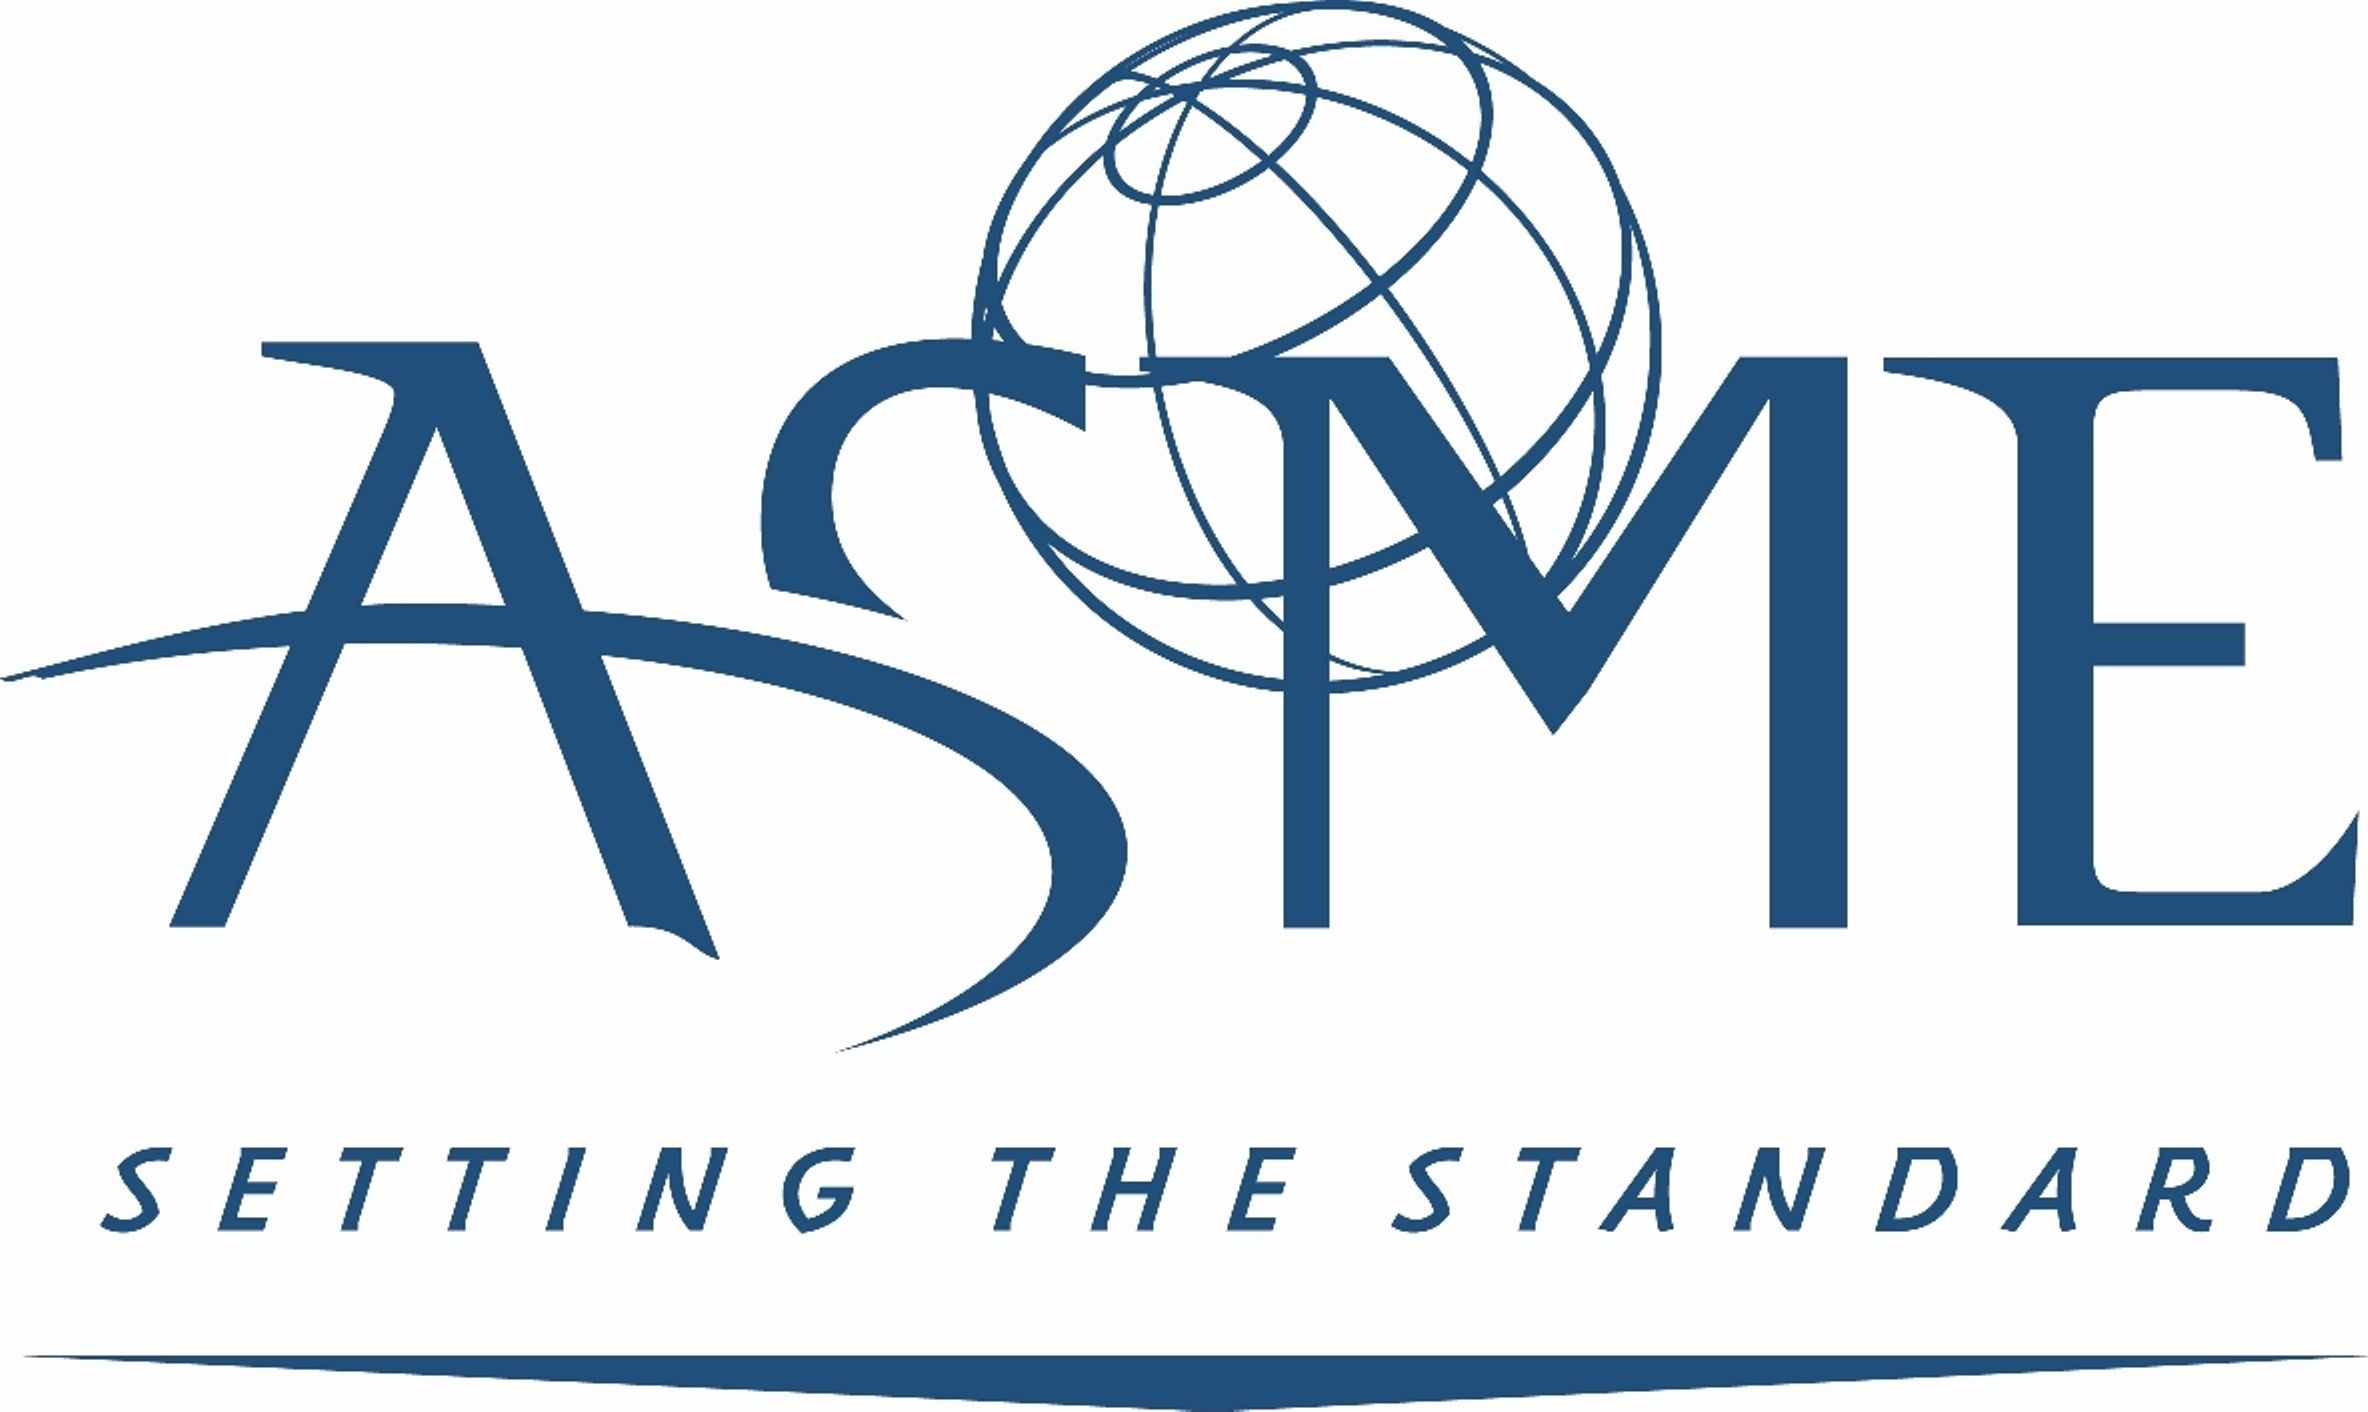 Tìm hiểu về tiêu chuẩn ASTM, nội dung của bộ tiêu chuẩn ASTM